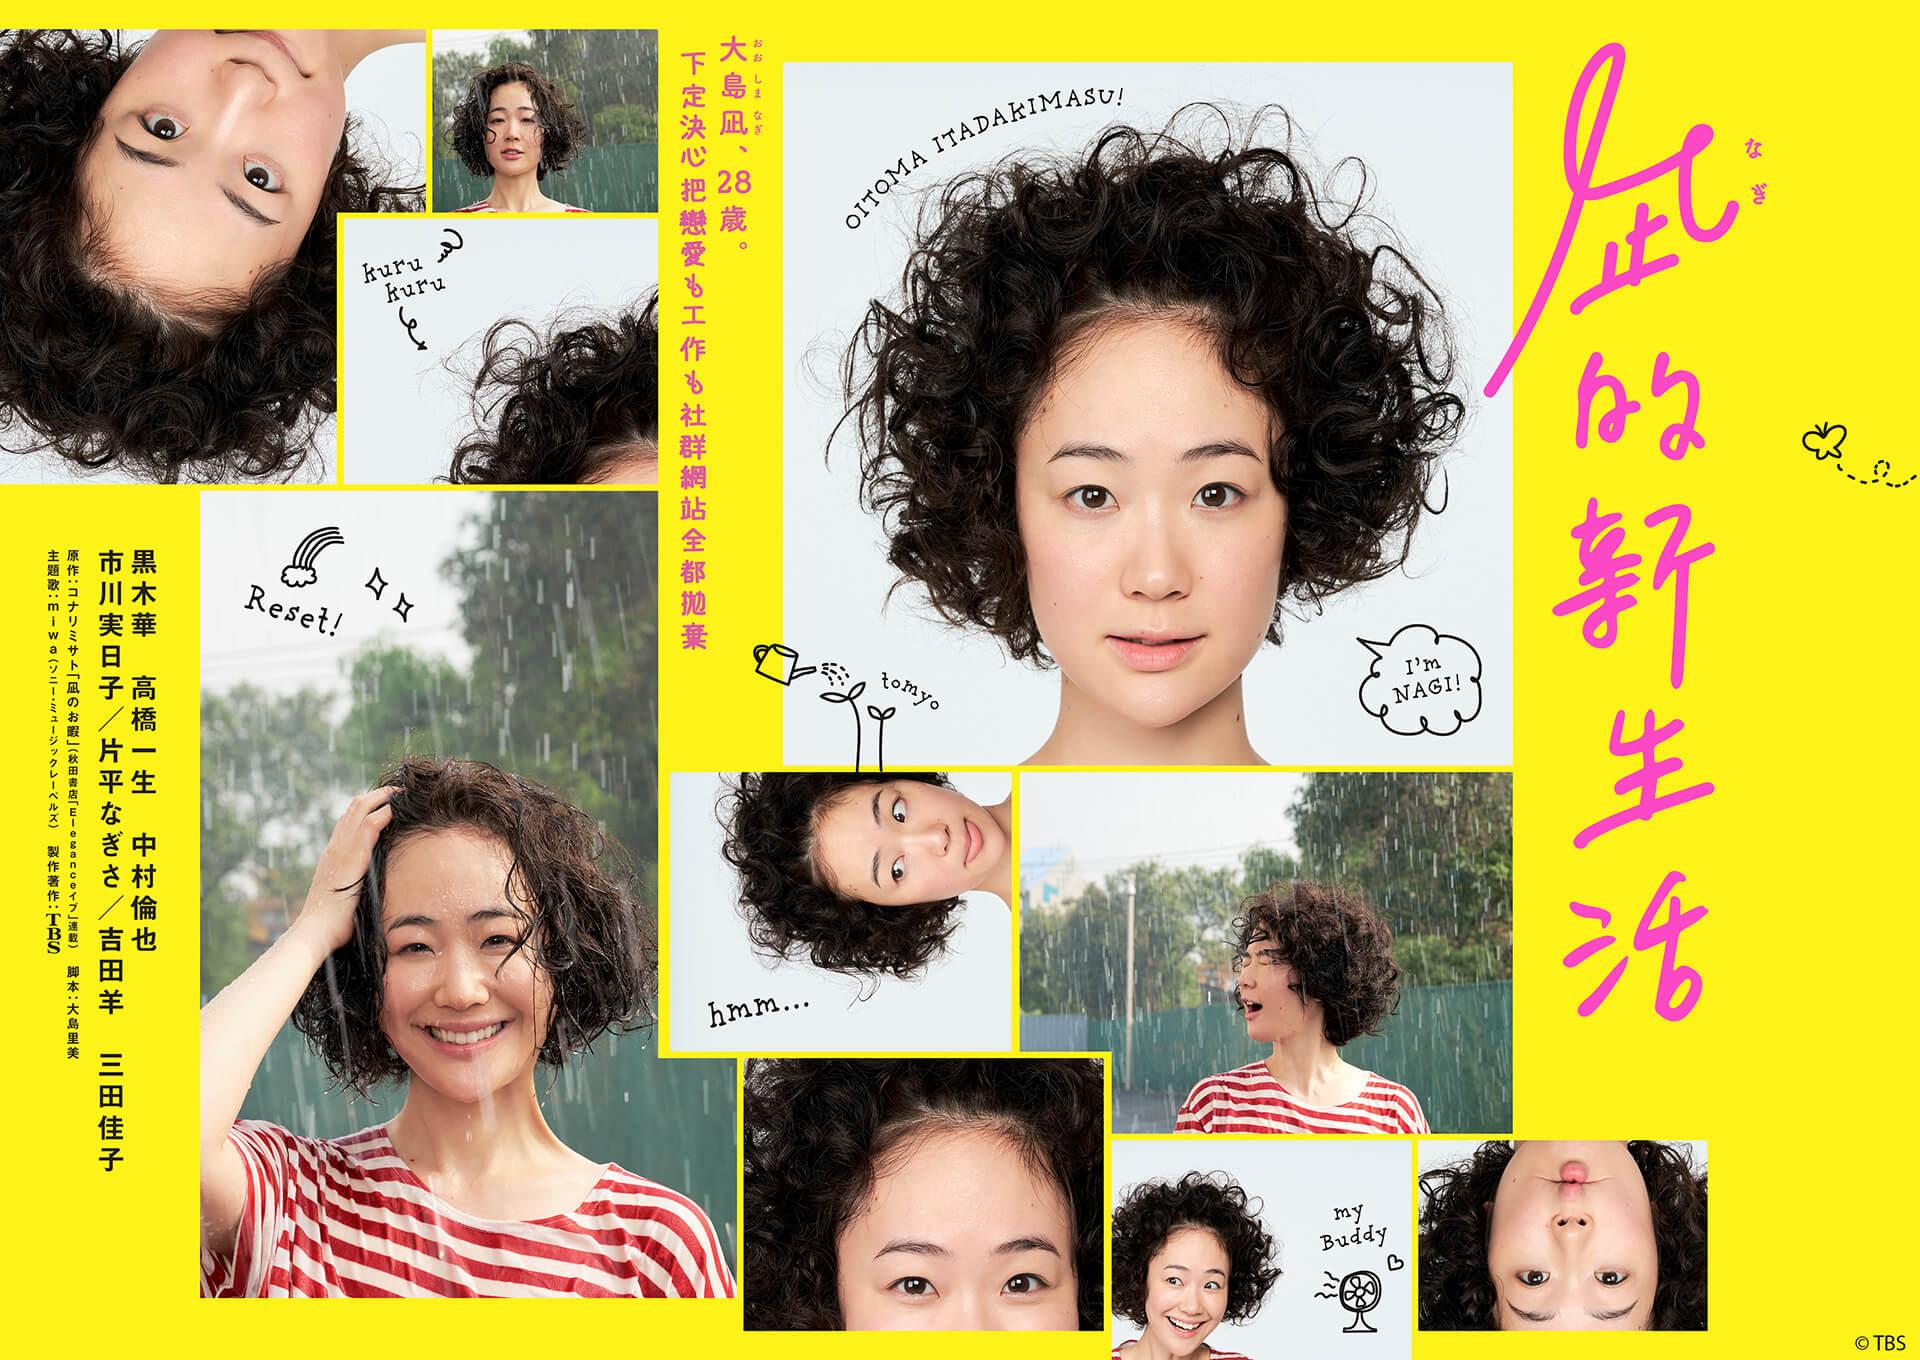 日劇學院賞 102屆 得獎作品 凪的新生活 線上看